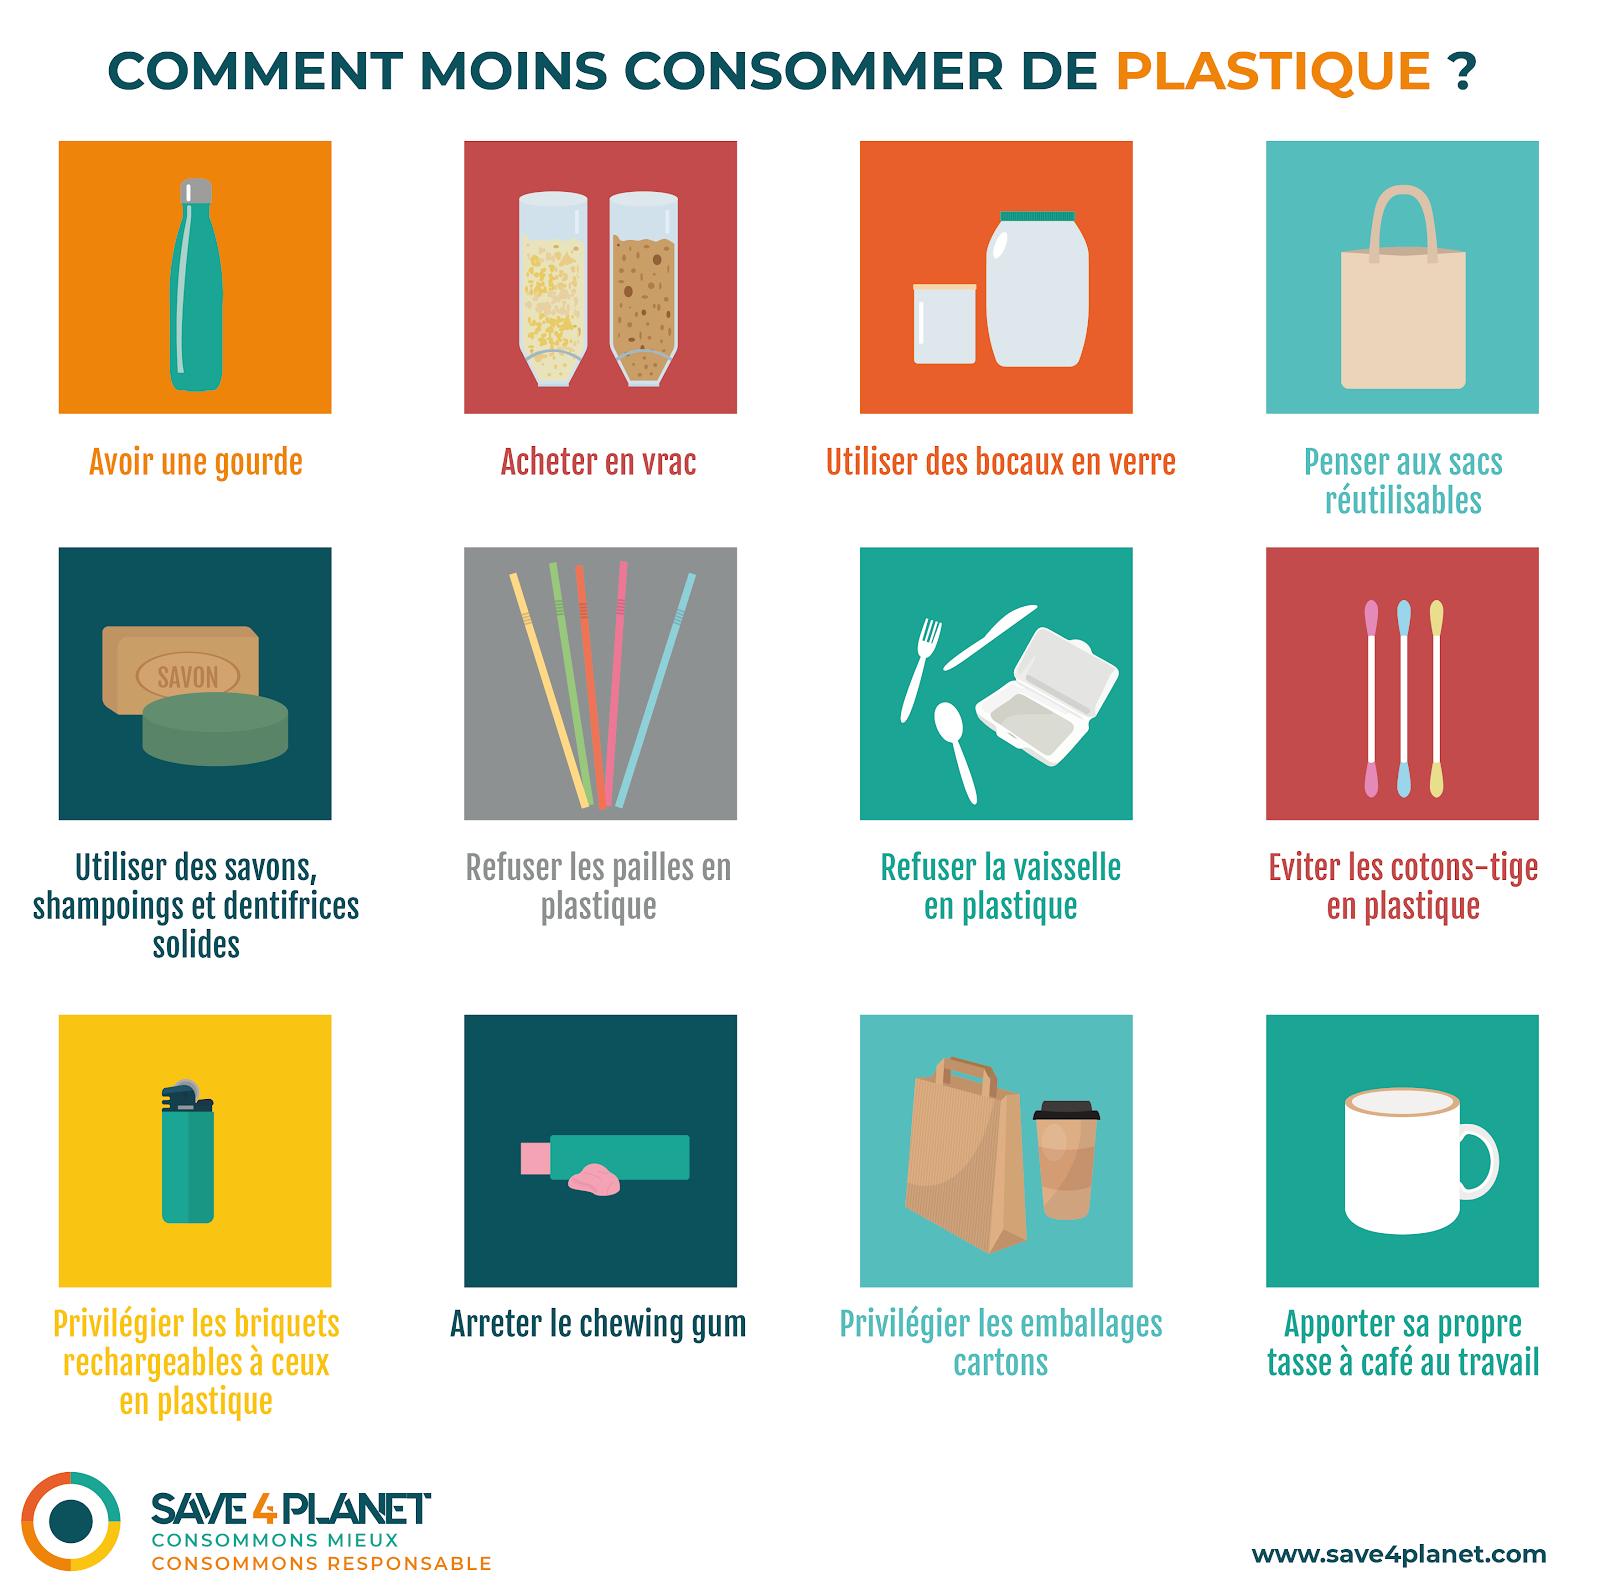 Illustration des moyens qui permettent de moins consommer de plastique